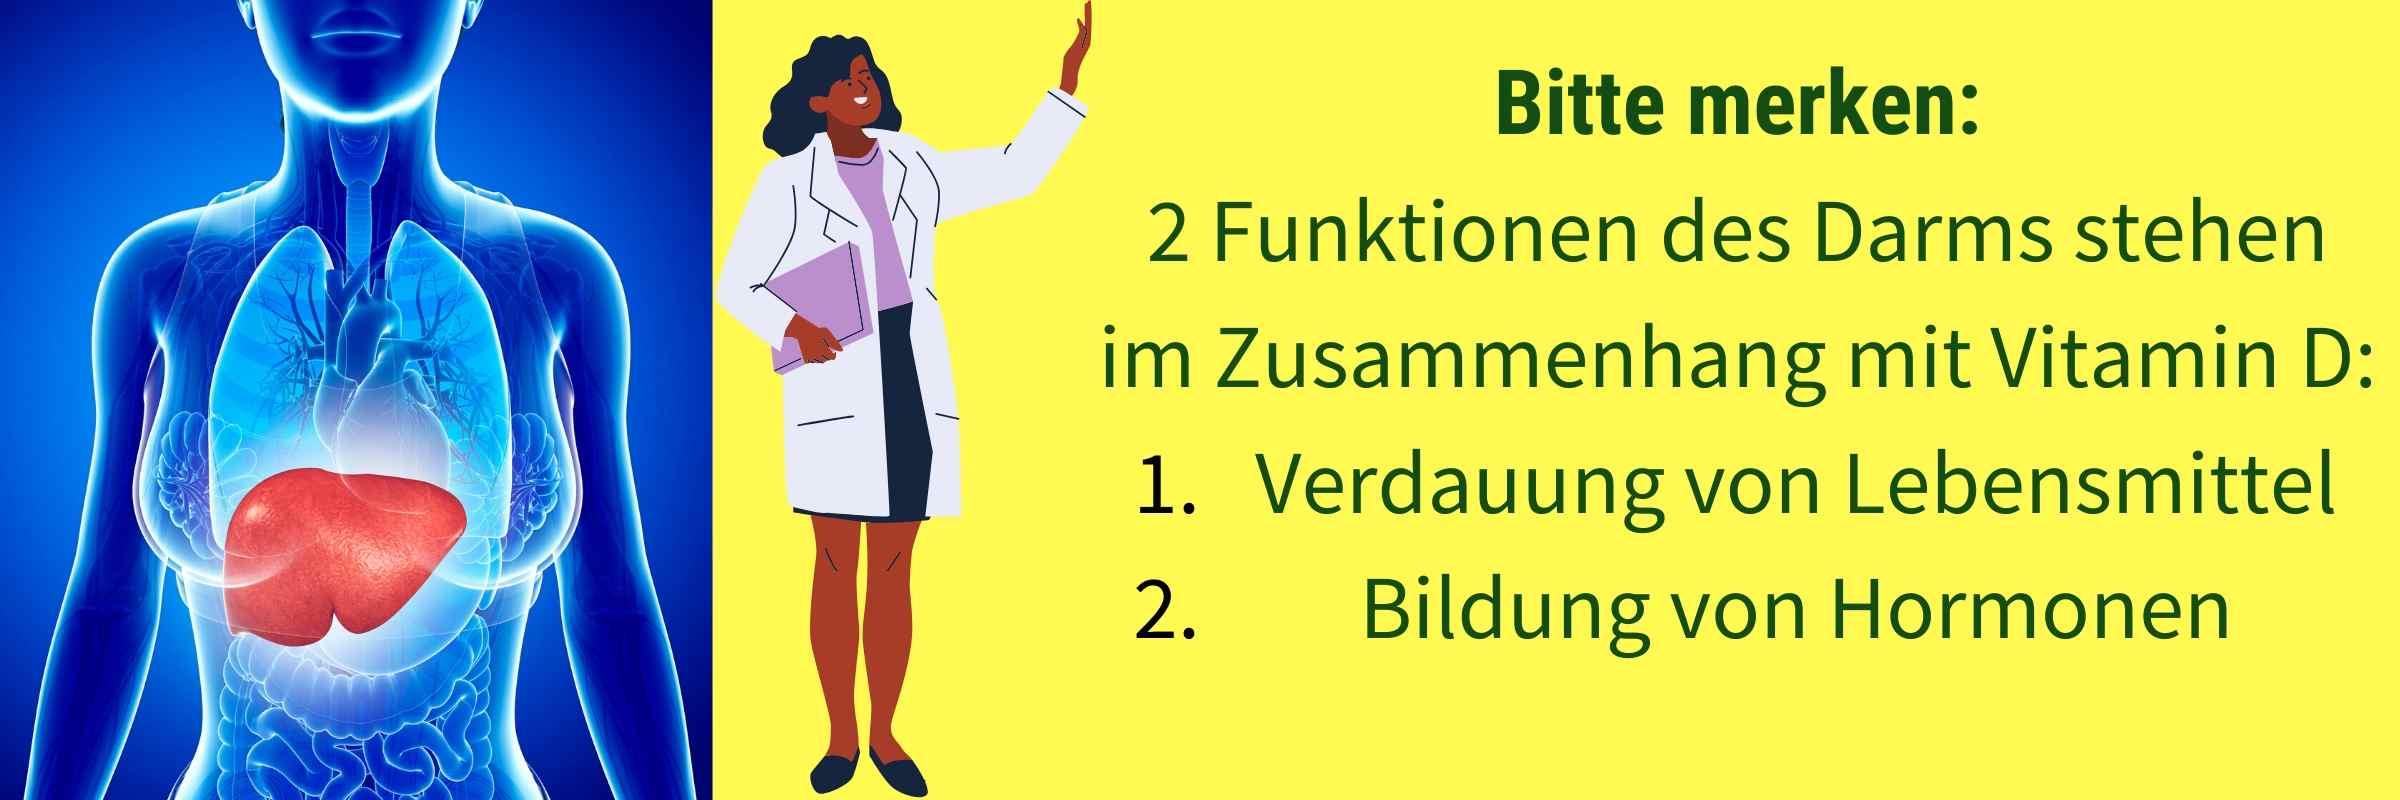 Funktionen Darm Vitamin D